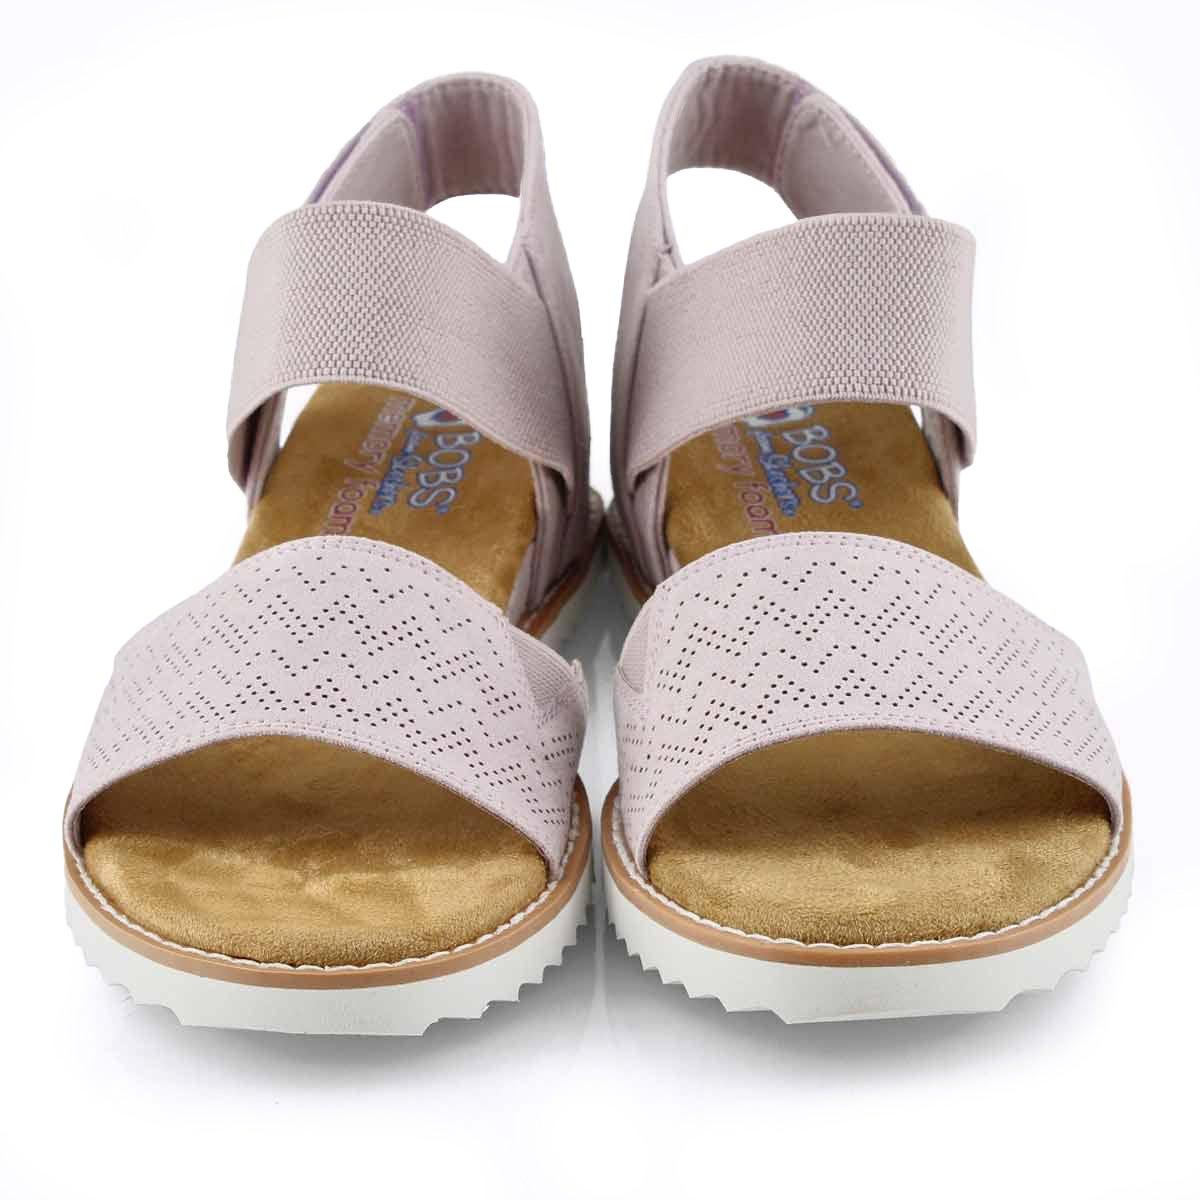 Women's Desert Kiss Sandal - Lavender